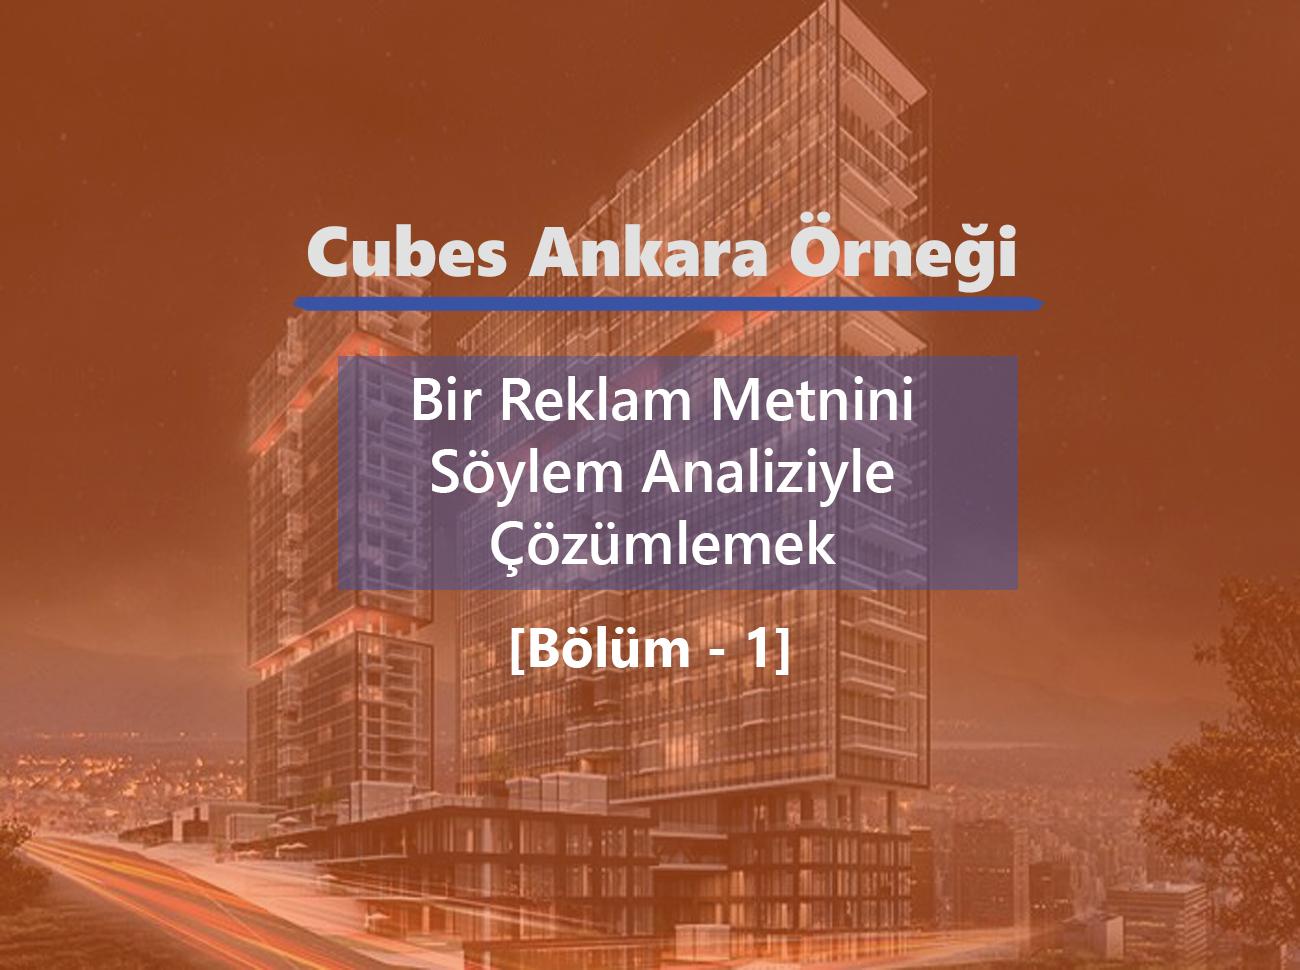 Cubes Ankara: Bir Reklam Metnini Söylem Analiziyle Çözümlemek (Bölüm – 1)